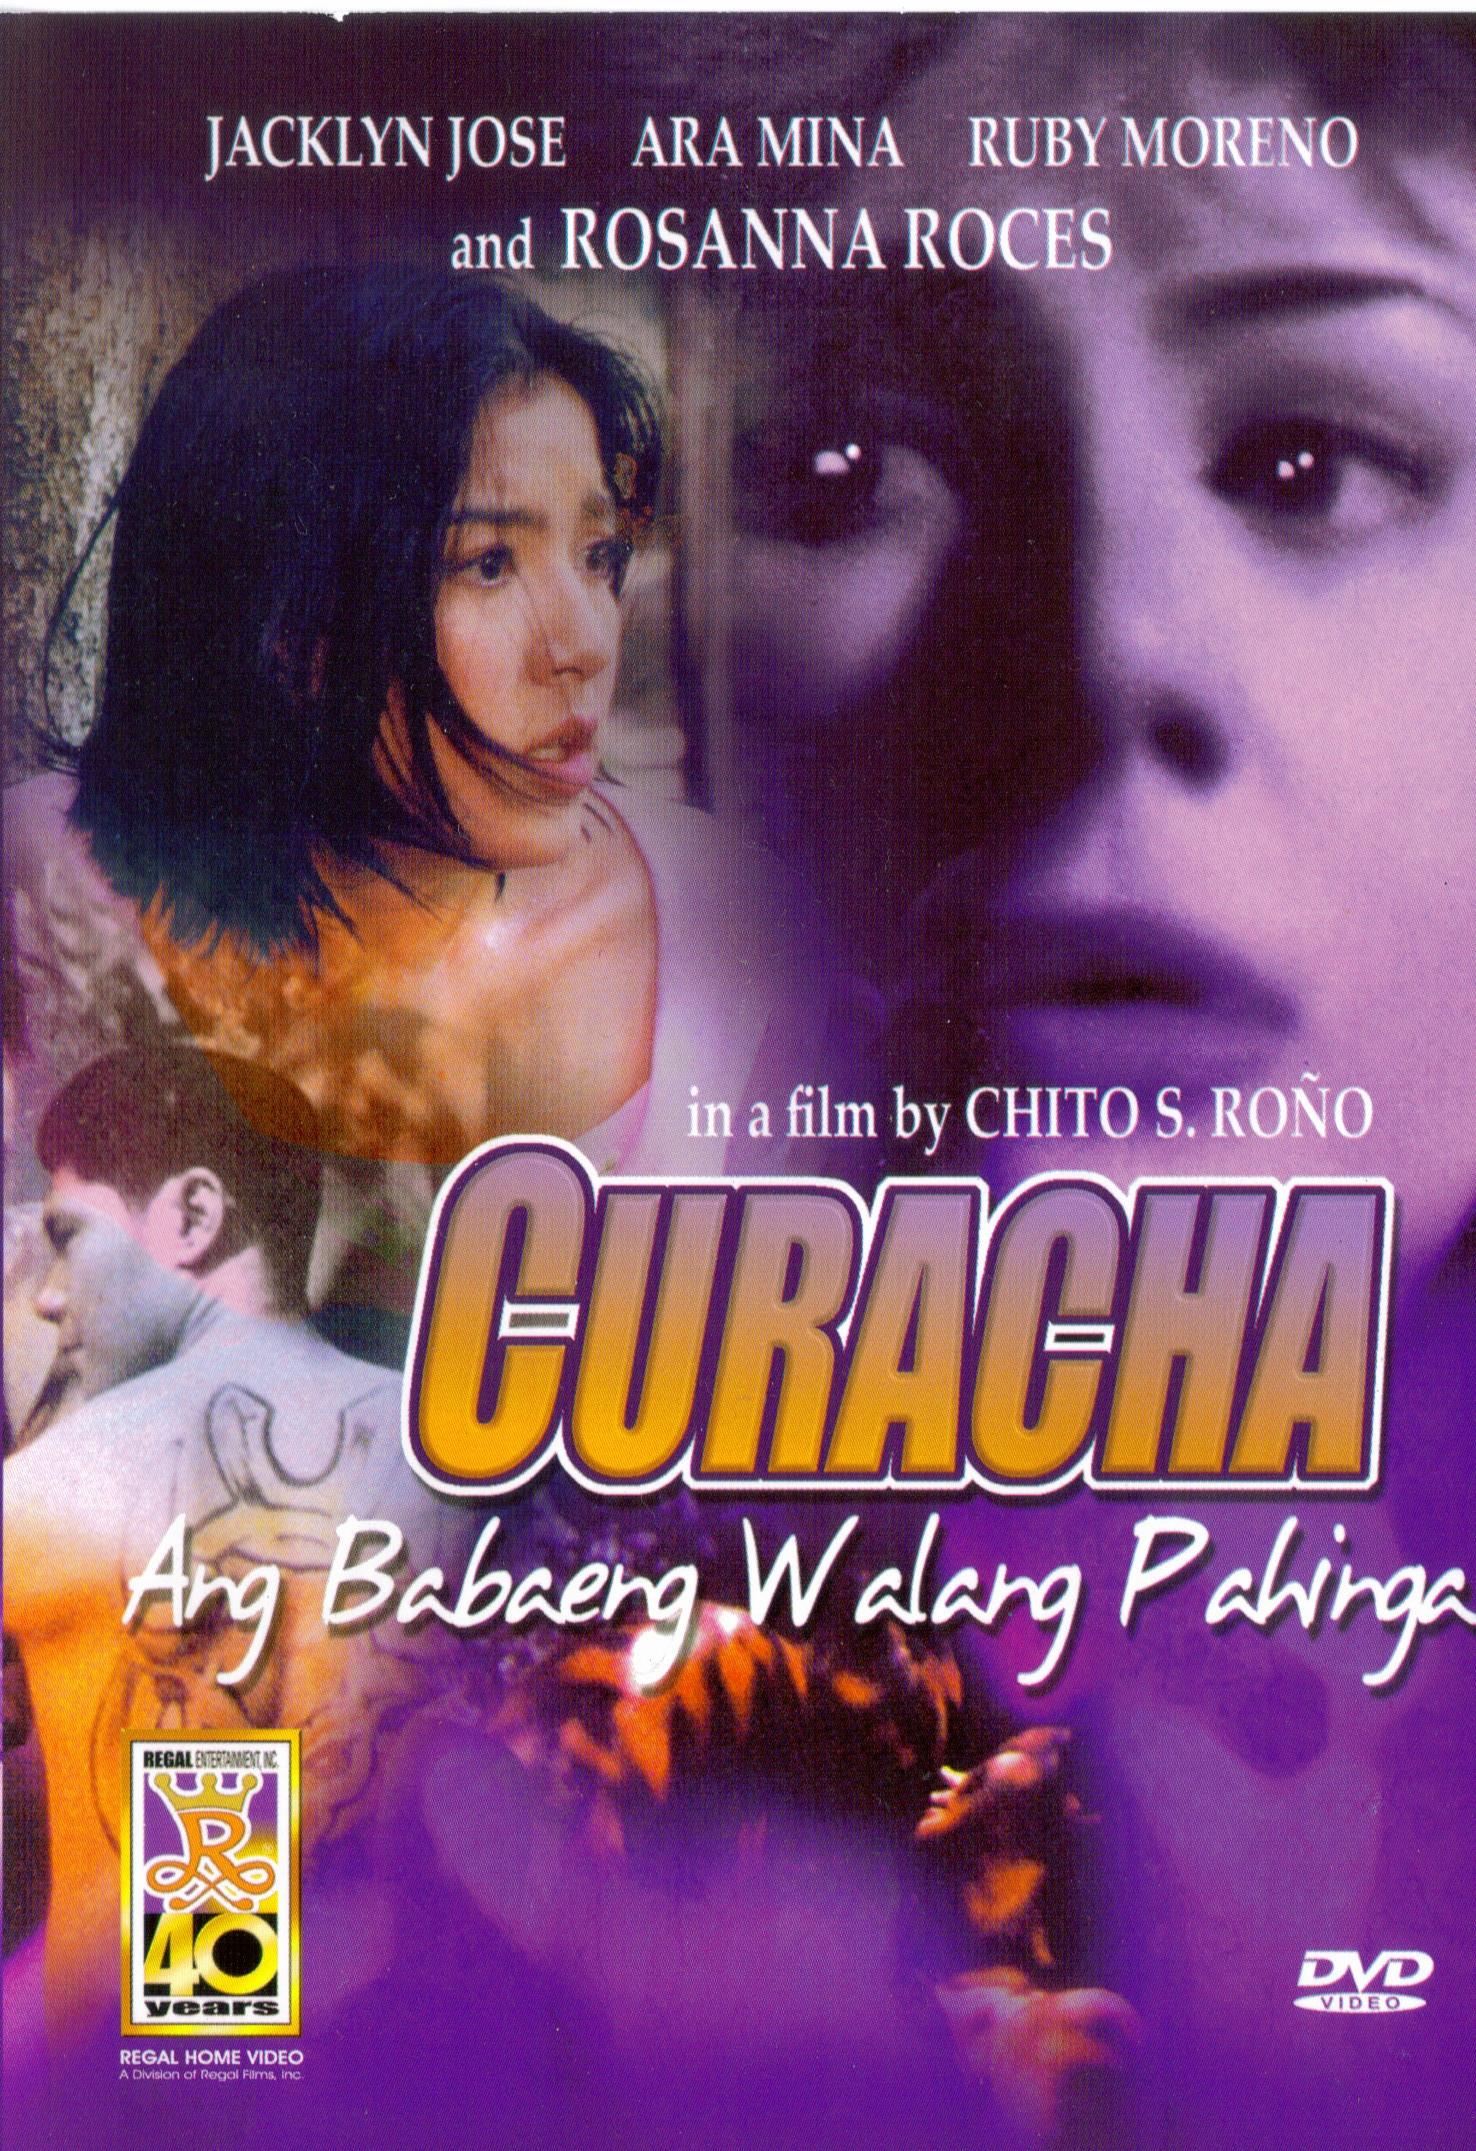 Curacha